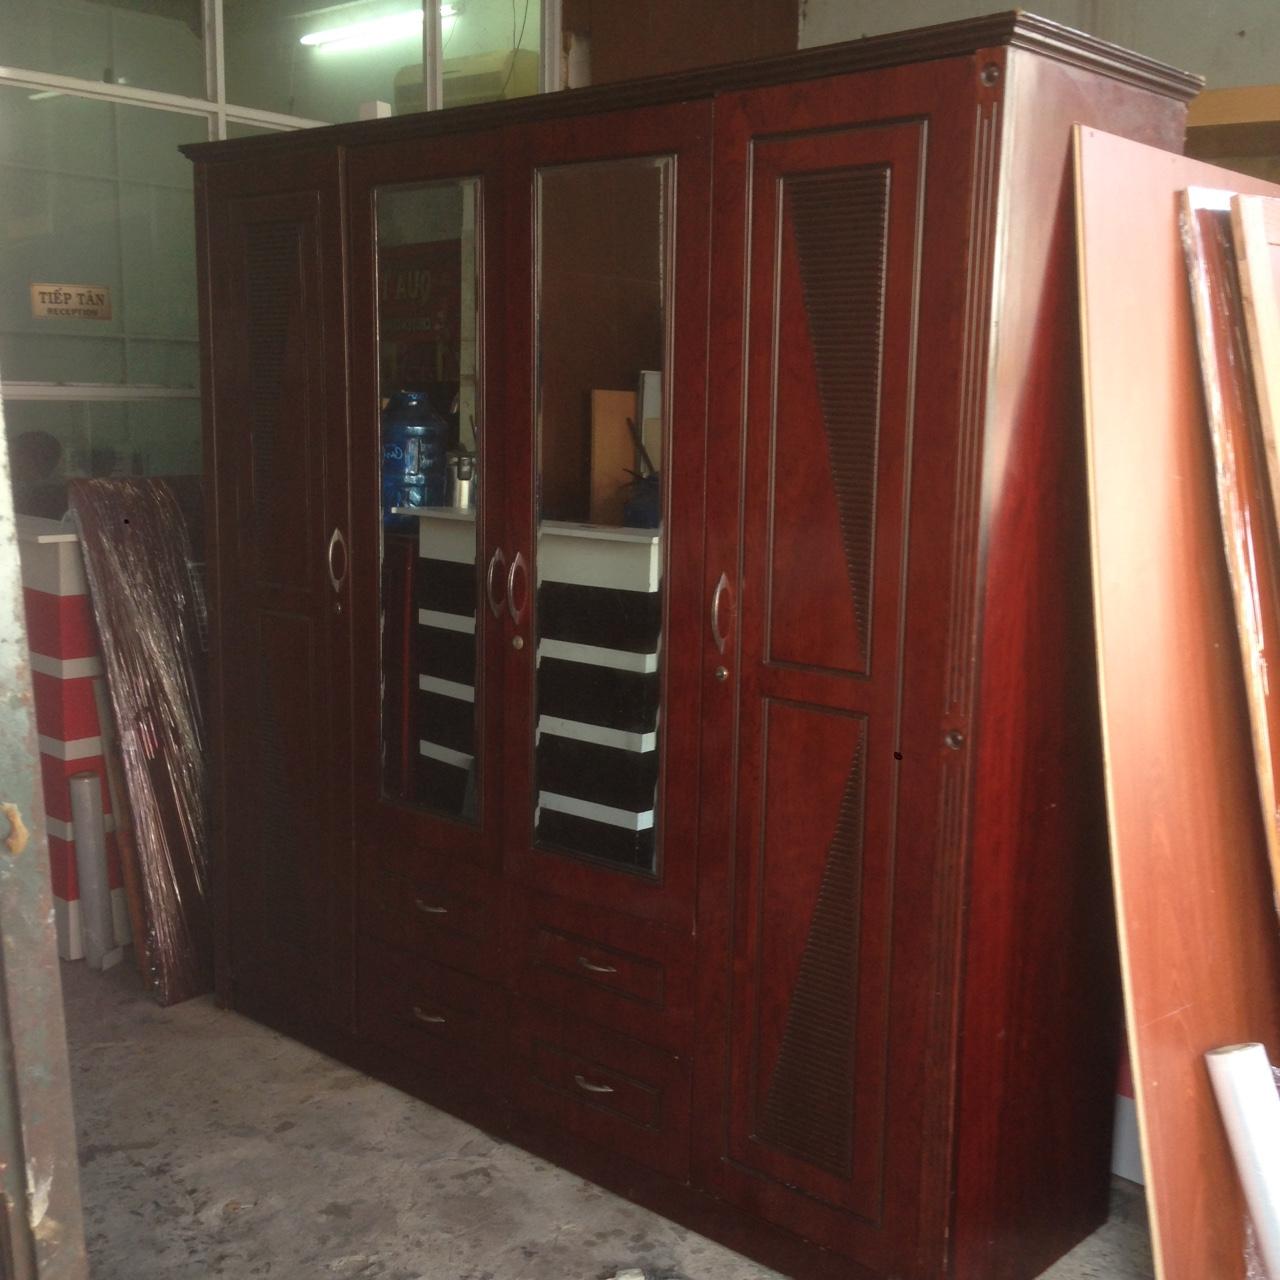 Nên mua tủ quần áo cũ cổ điển hay hiện đại cho phòng ngủ?